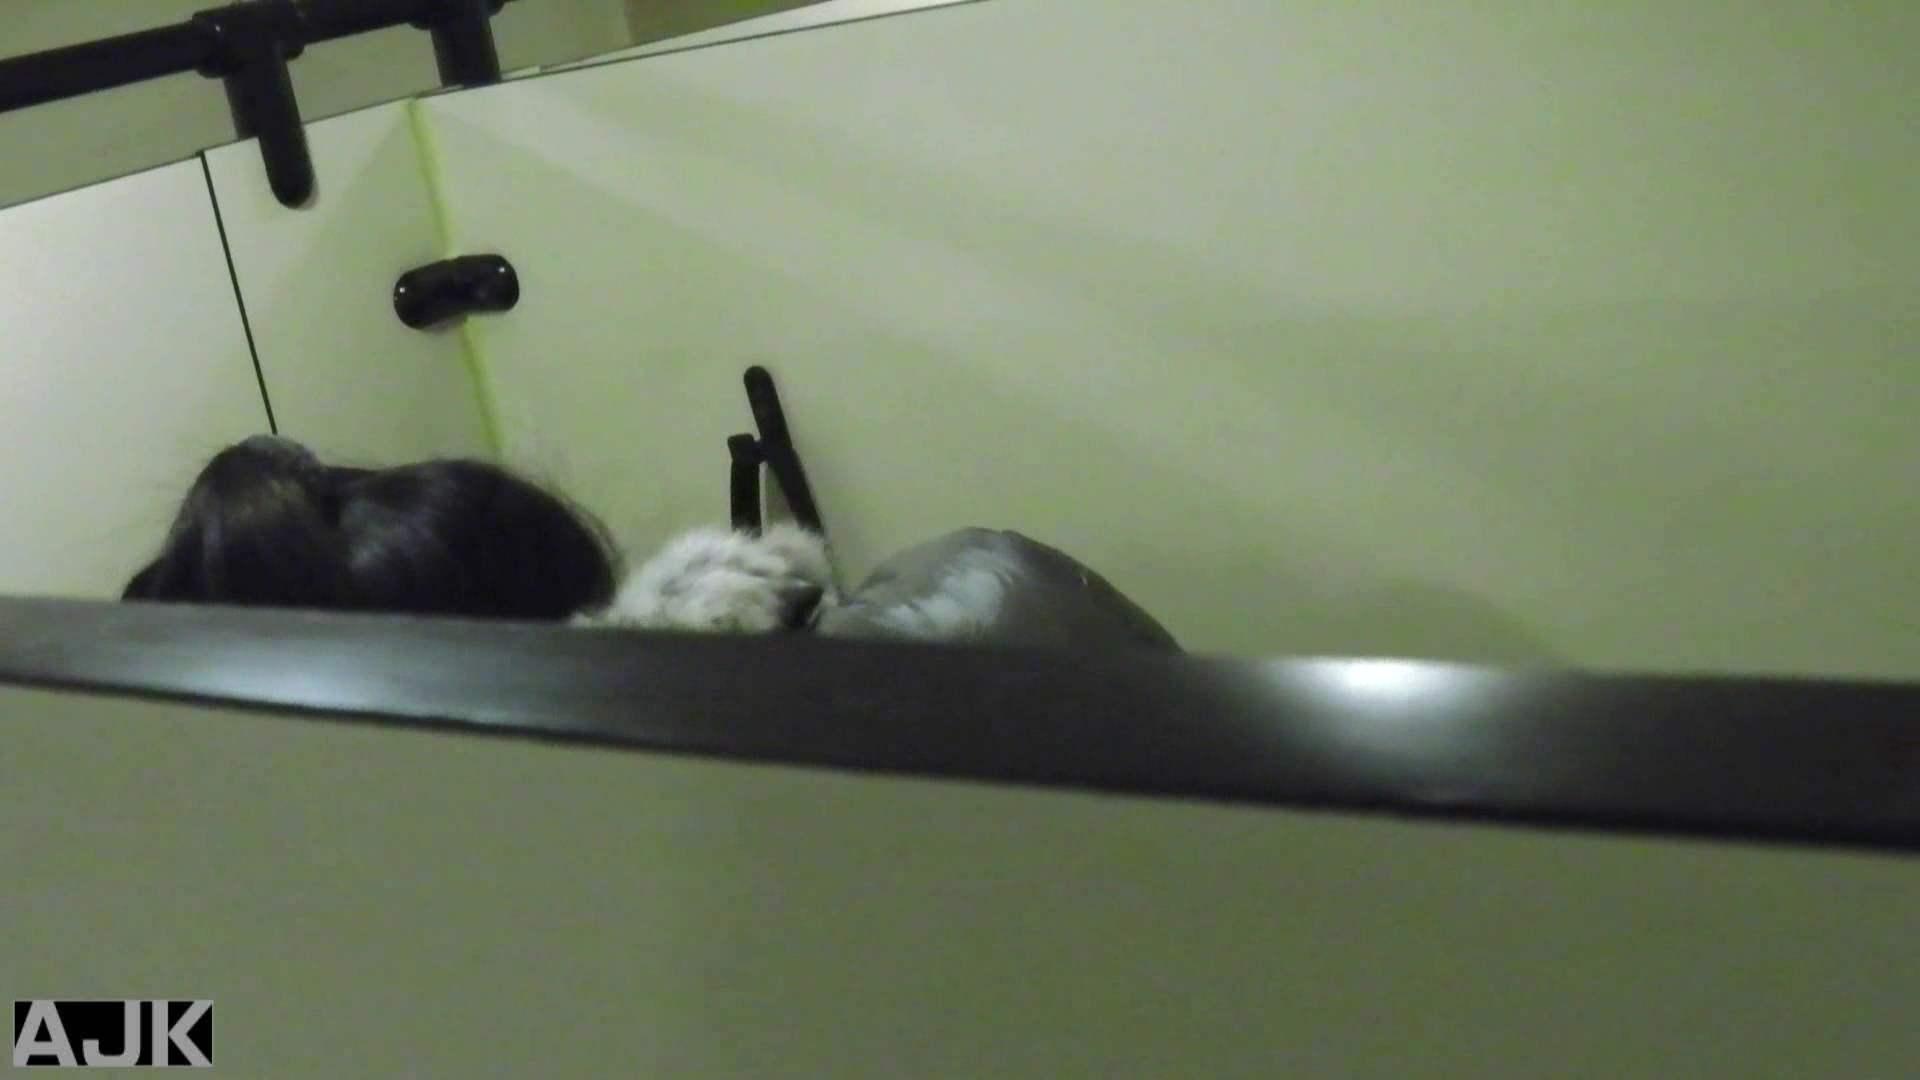 隣国上階級エリアの令嬢たちが集うデパートお手洗い Vol.19 HなOL | お手洗い  99pic 13